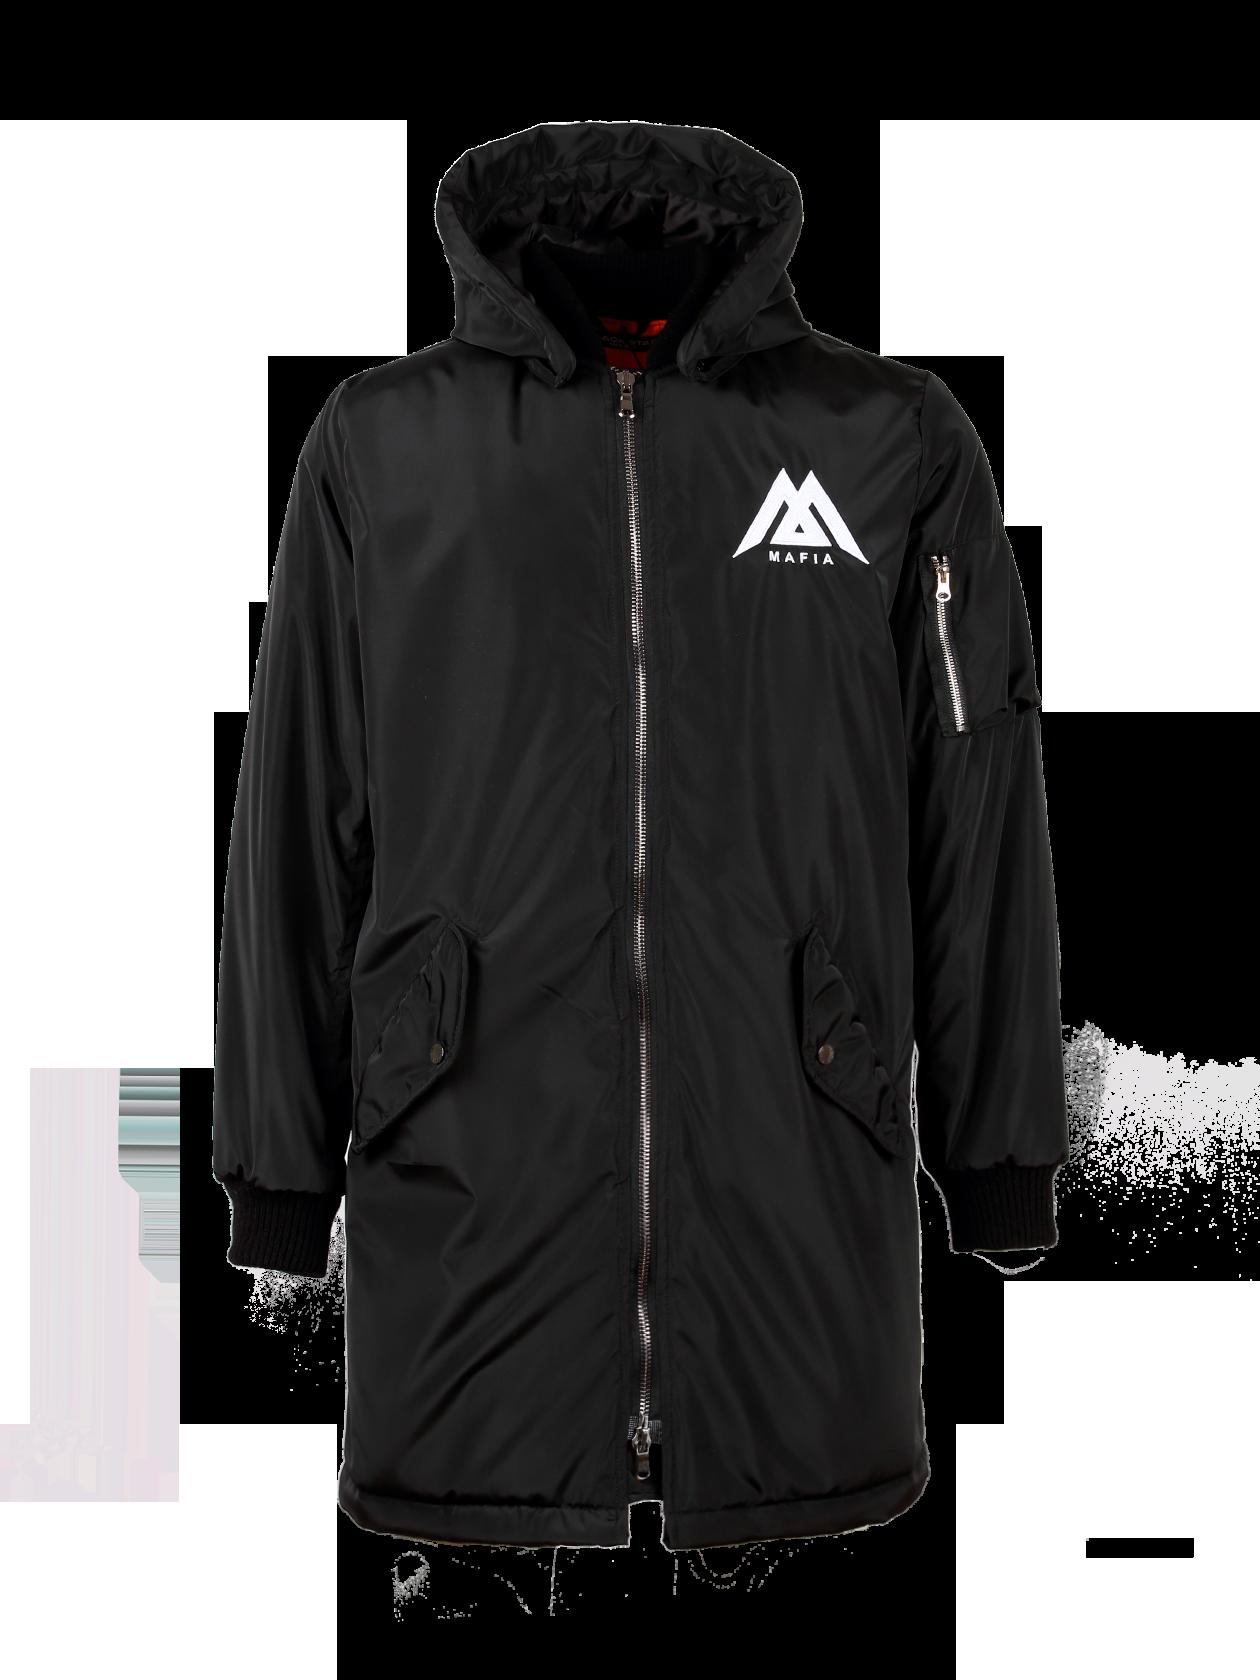 Зимняя куртка-бомбер мужская Black Star MafiaЧерная мужская куртка из новой коллекции Black Star Wear – стильное и практичное решение для холодного сезона. Удлиненная модель со съемным капюшоном принтована надписями и символами спереди и на спине в стилистике бренда. Изготовлена из практичного и влагоотталкивающего нейлона. Бомбер оформлен декоративными молниями, плотными трикотажными резинками на манжетах.<br><br>Размер: S<br>Цвет: Черный<br>Пол: Мужской